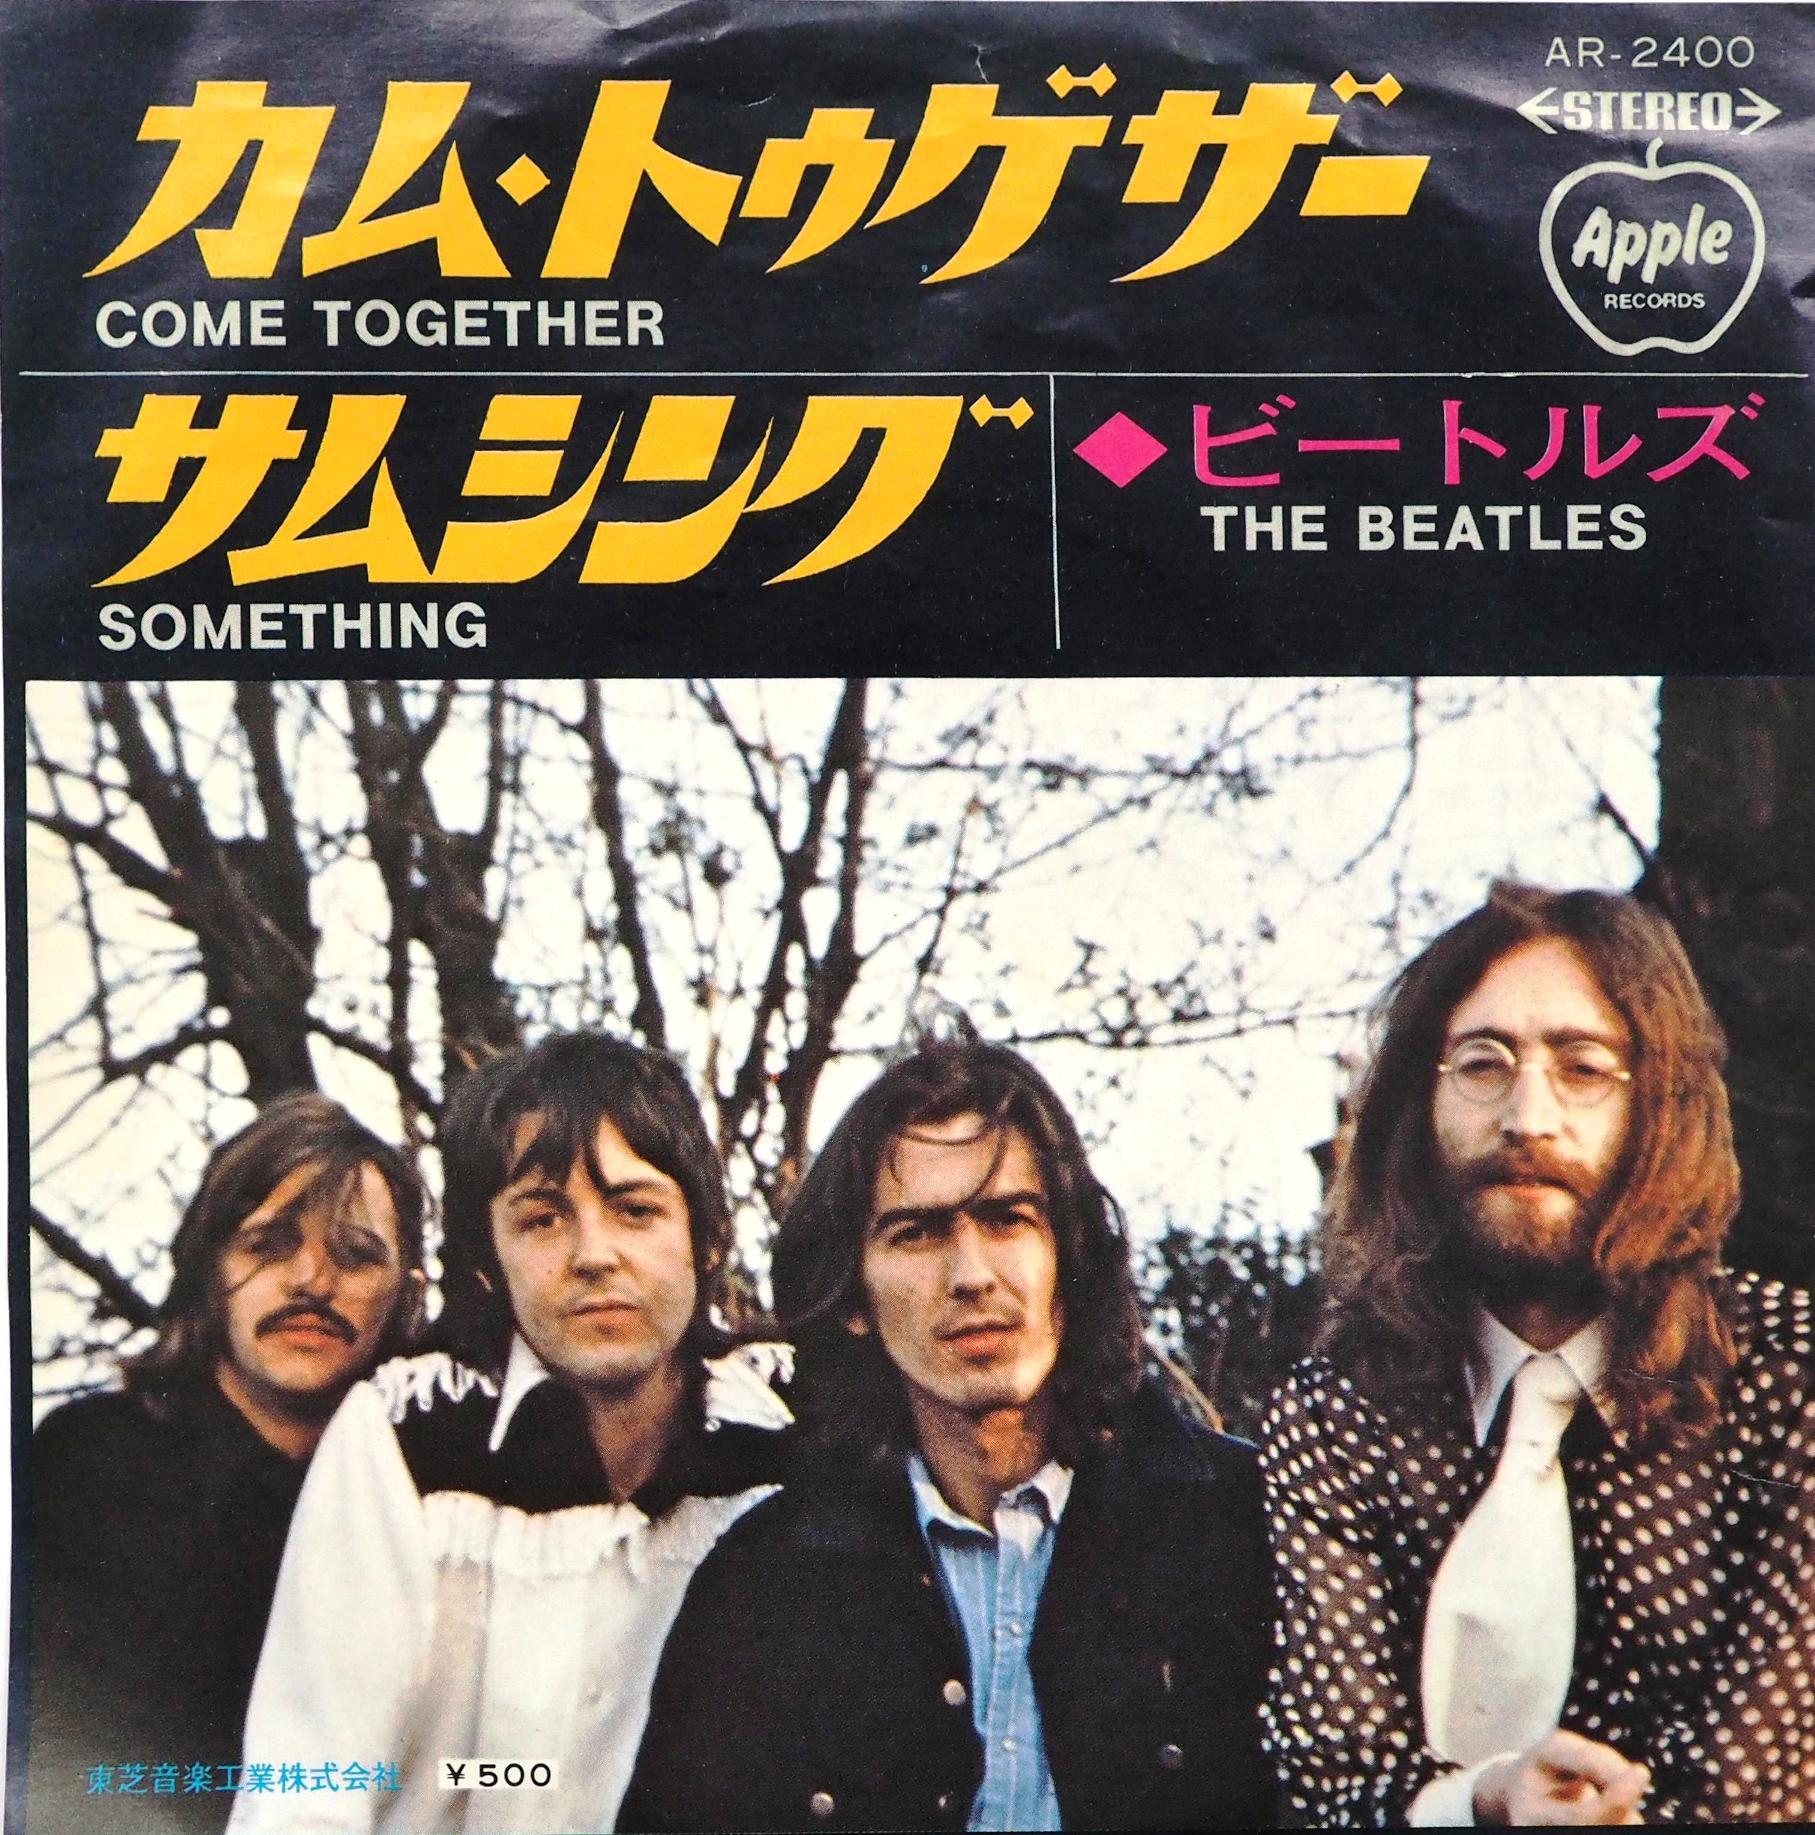 パティに捧げられたといわれる名曲「サムシング」のシングル盤。